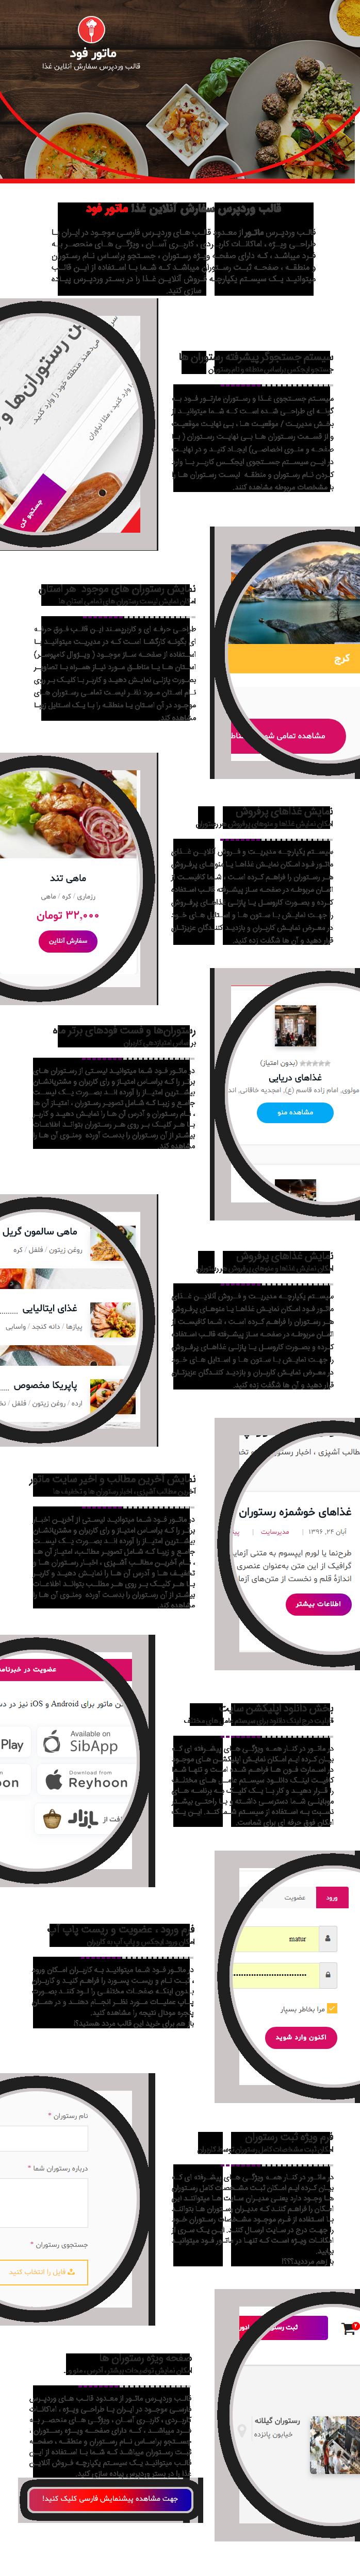 قالب وردپرس سفارش آنلاین غذا ماتور